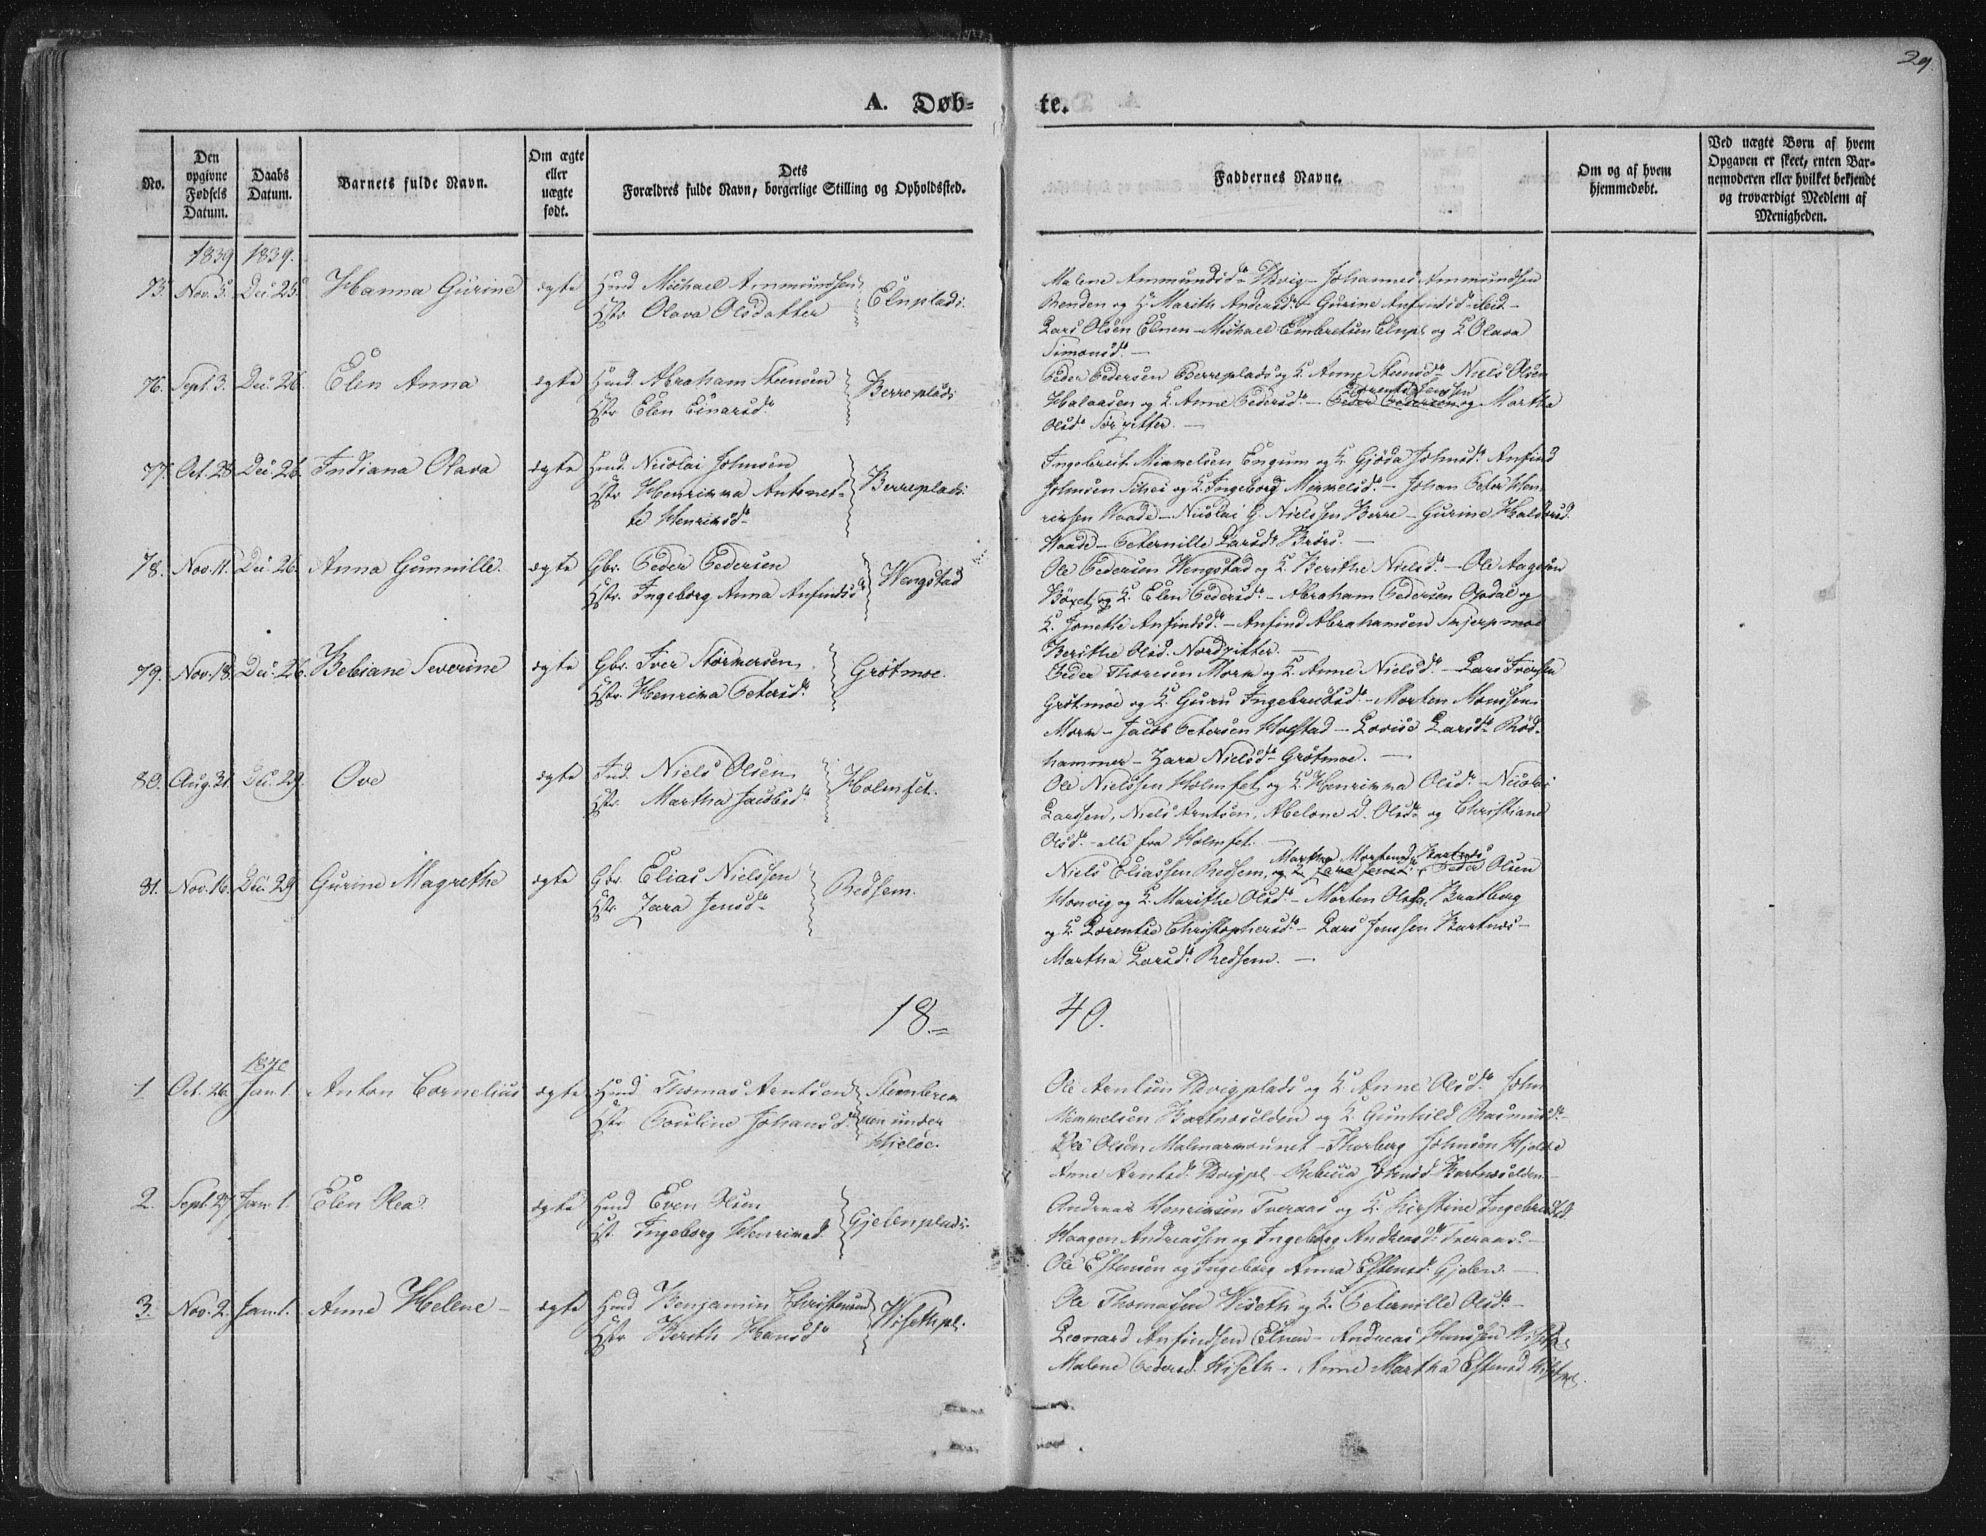 SAT, Ministerialprotokoller, klokkerbøker og fødselsregistre - Nord-Trøndelag, 741/L0392: Ministerialbok nr. 741A06, 1836-1848, s. 29